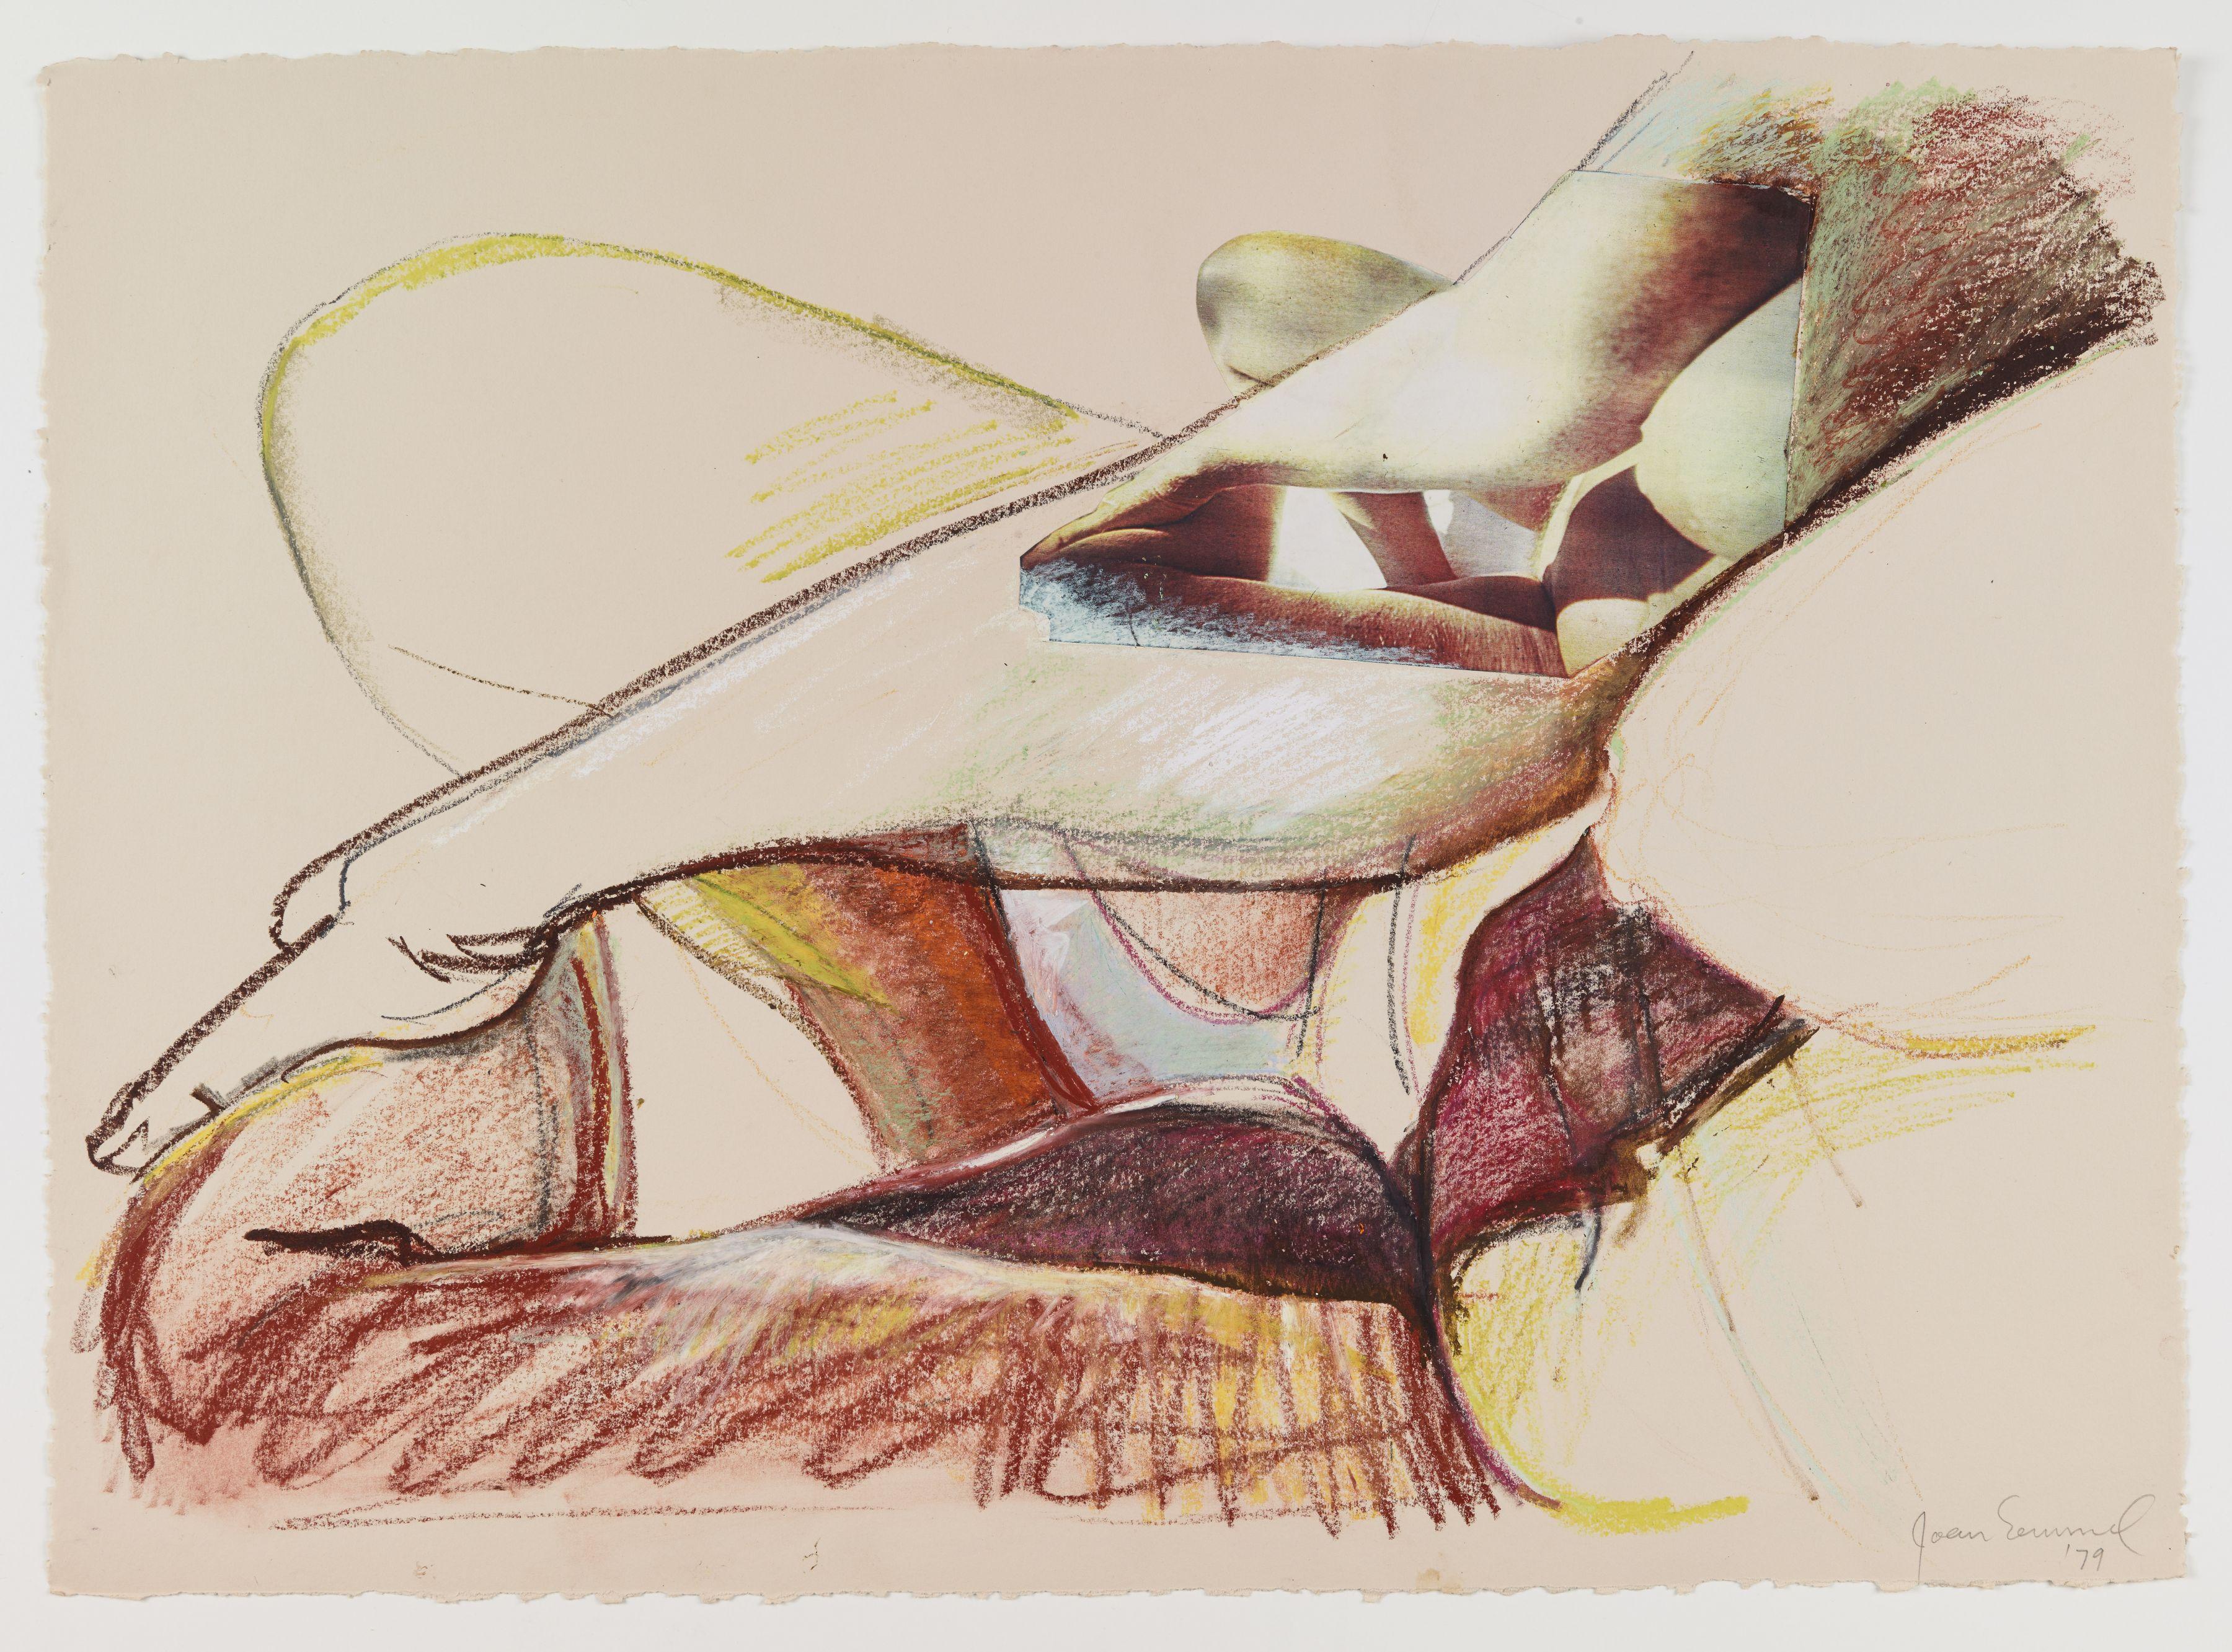 Joan Semmel, Study for Night Light, 1979